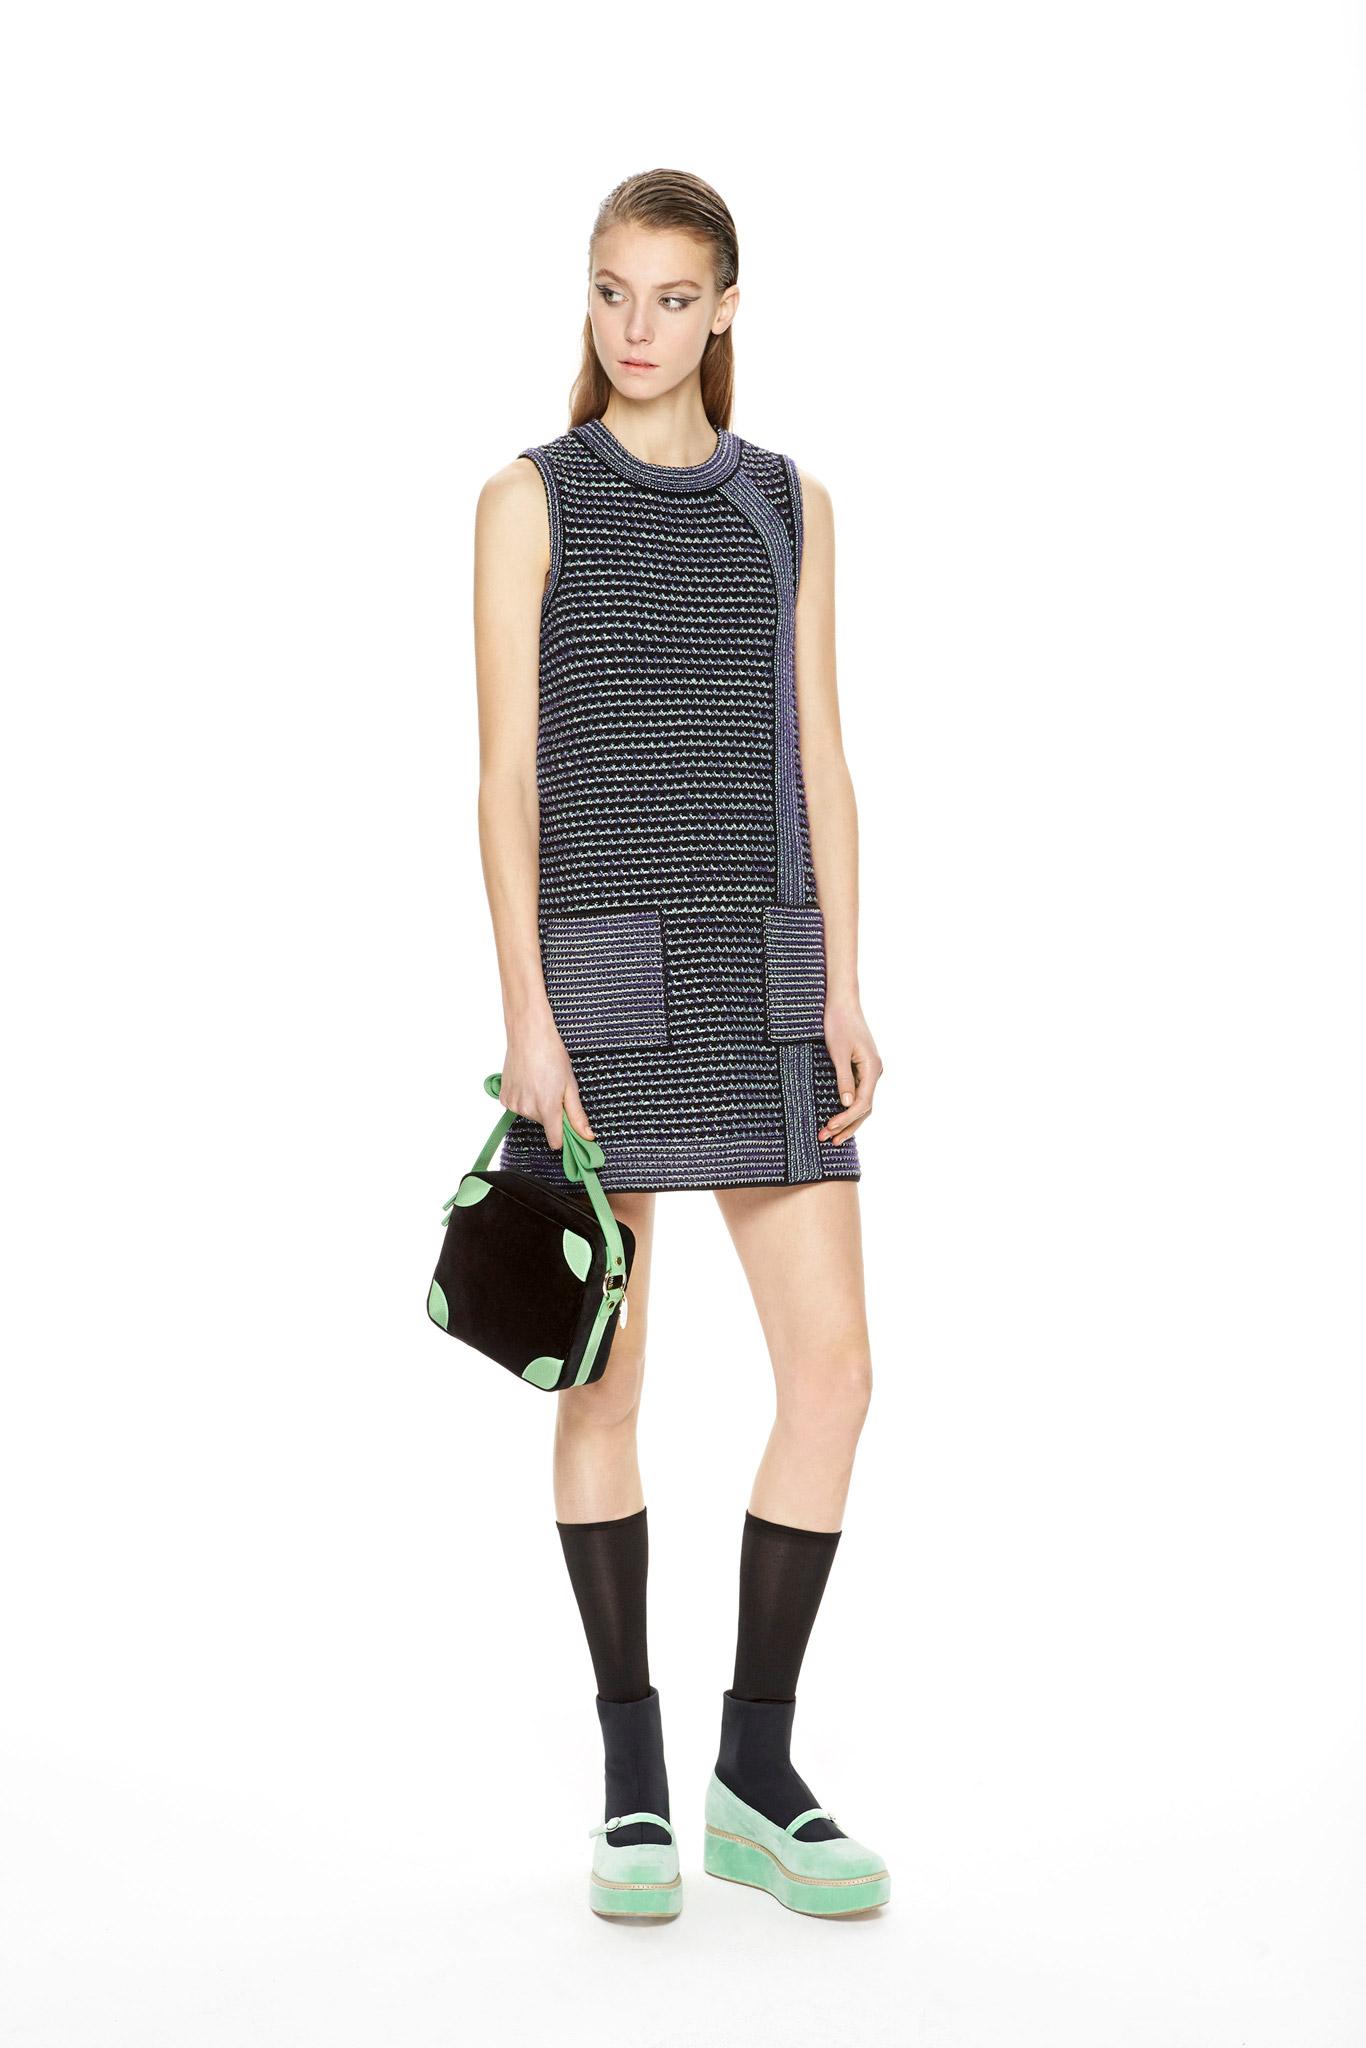 M Missoni Dress Fall 2015